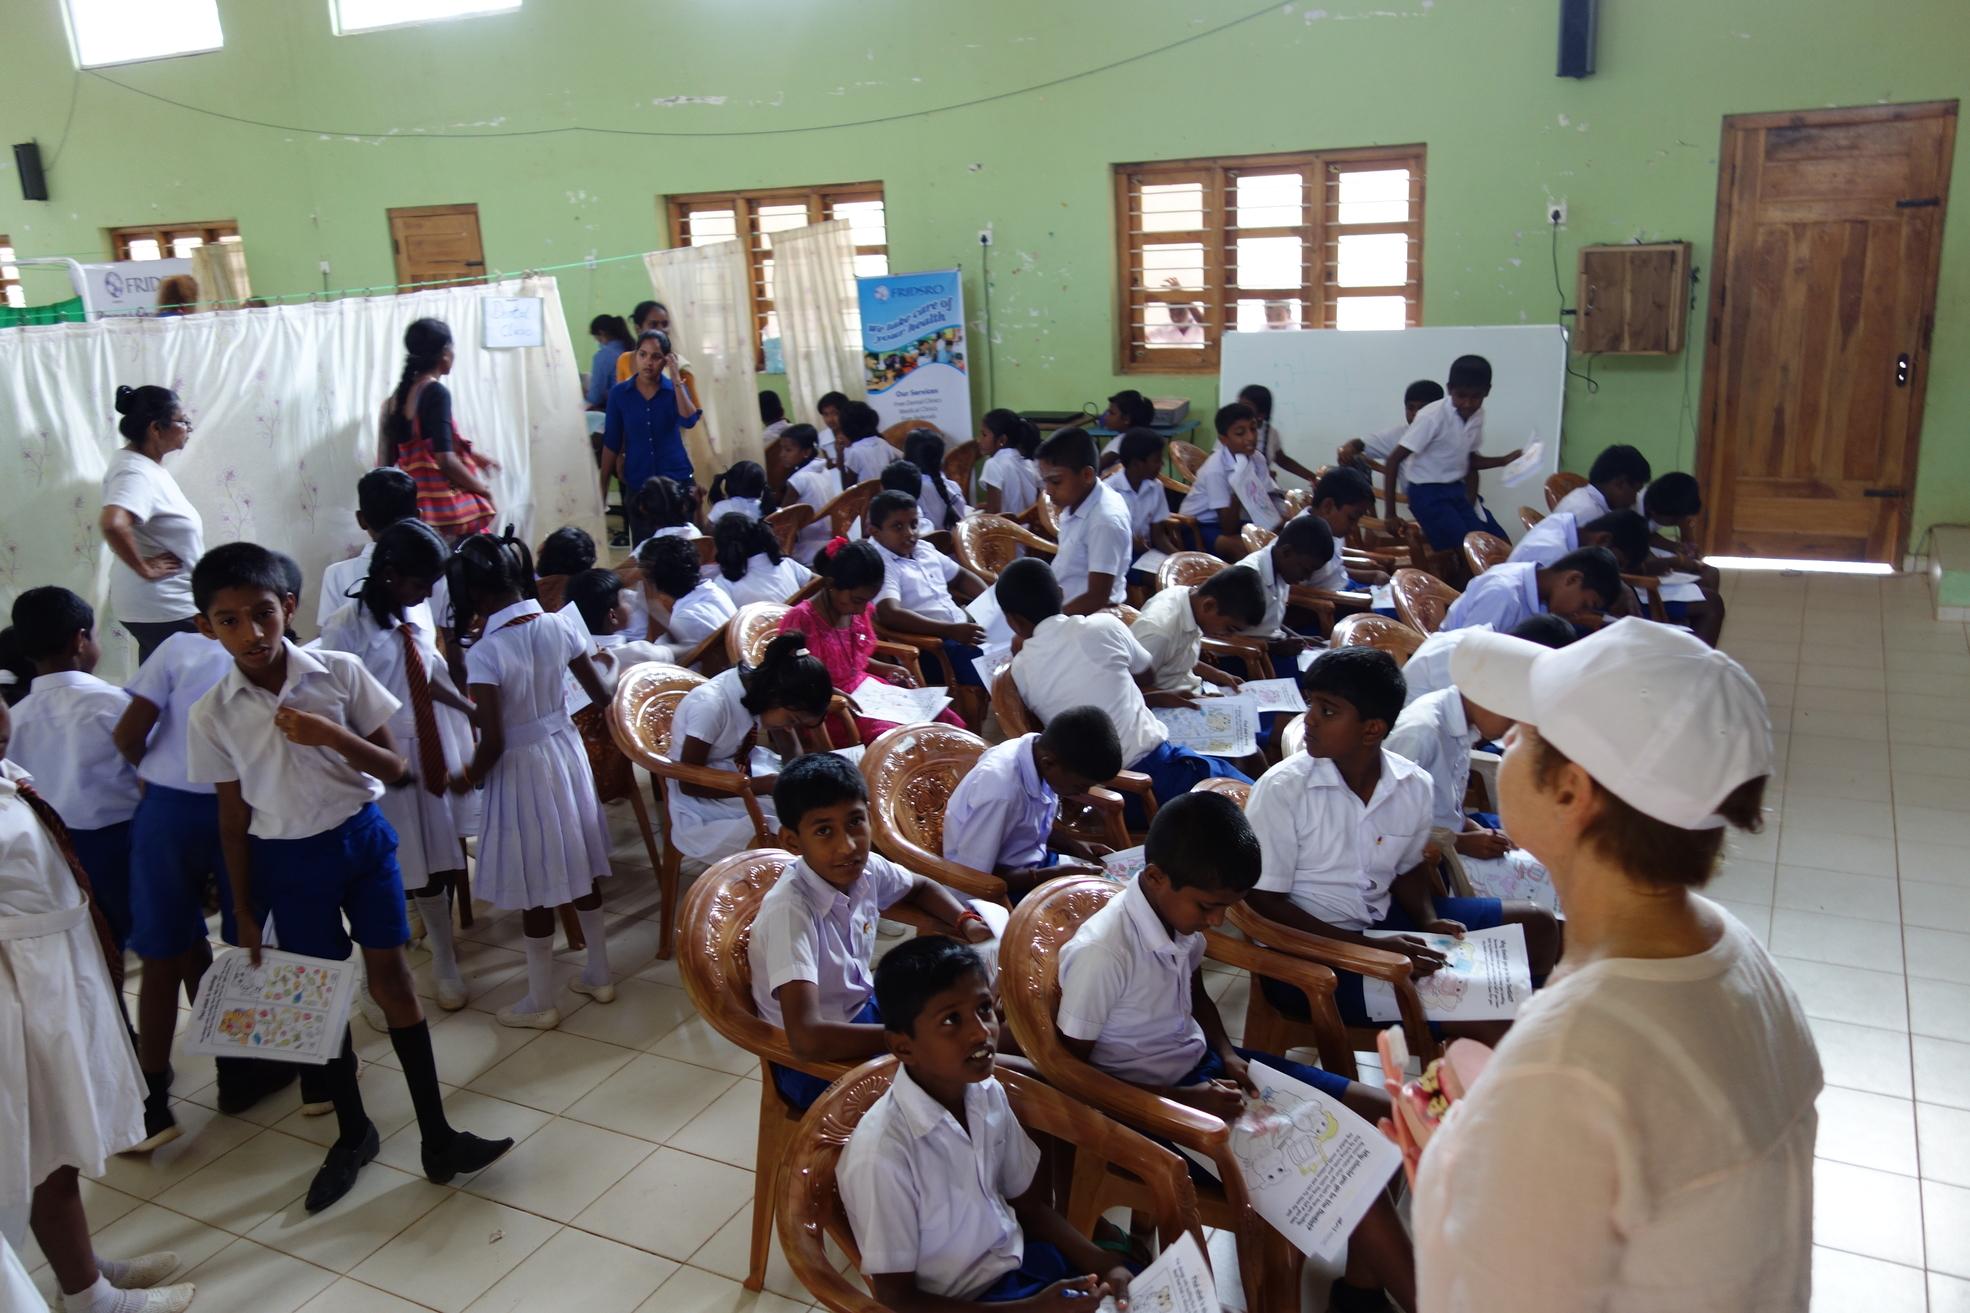 Dental Care International (DCI) Mobile dental care to provide free dental care to children in Sri Lanka. Dentists, hygienists, dental assistants